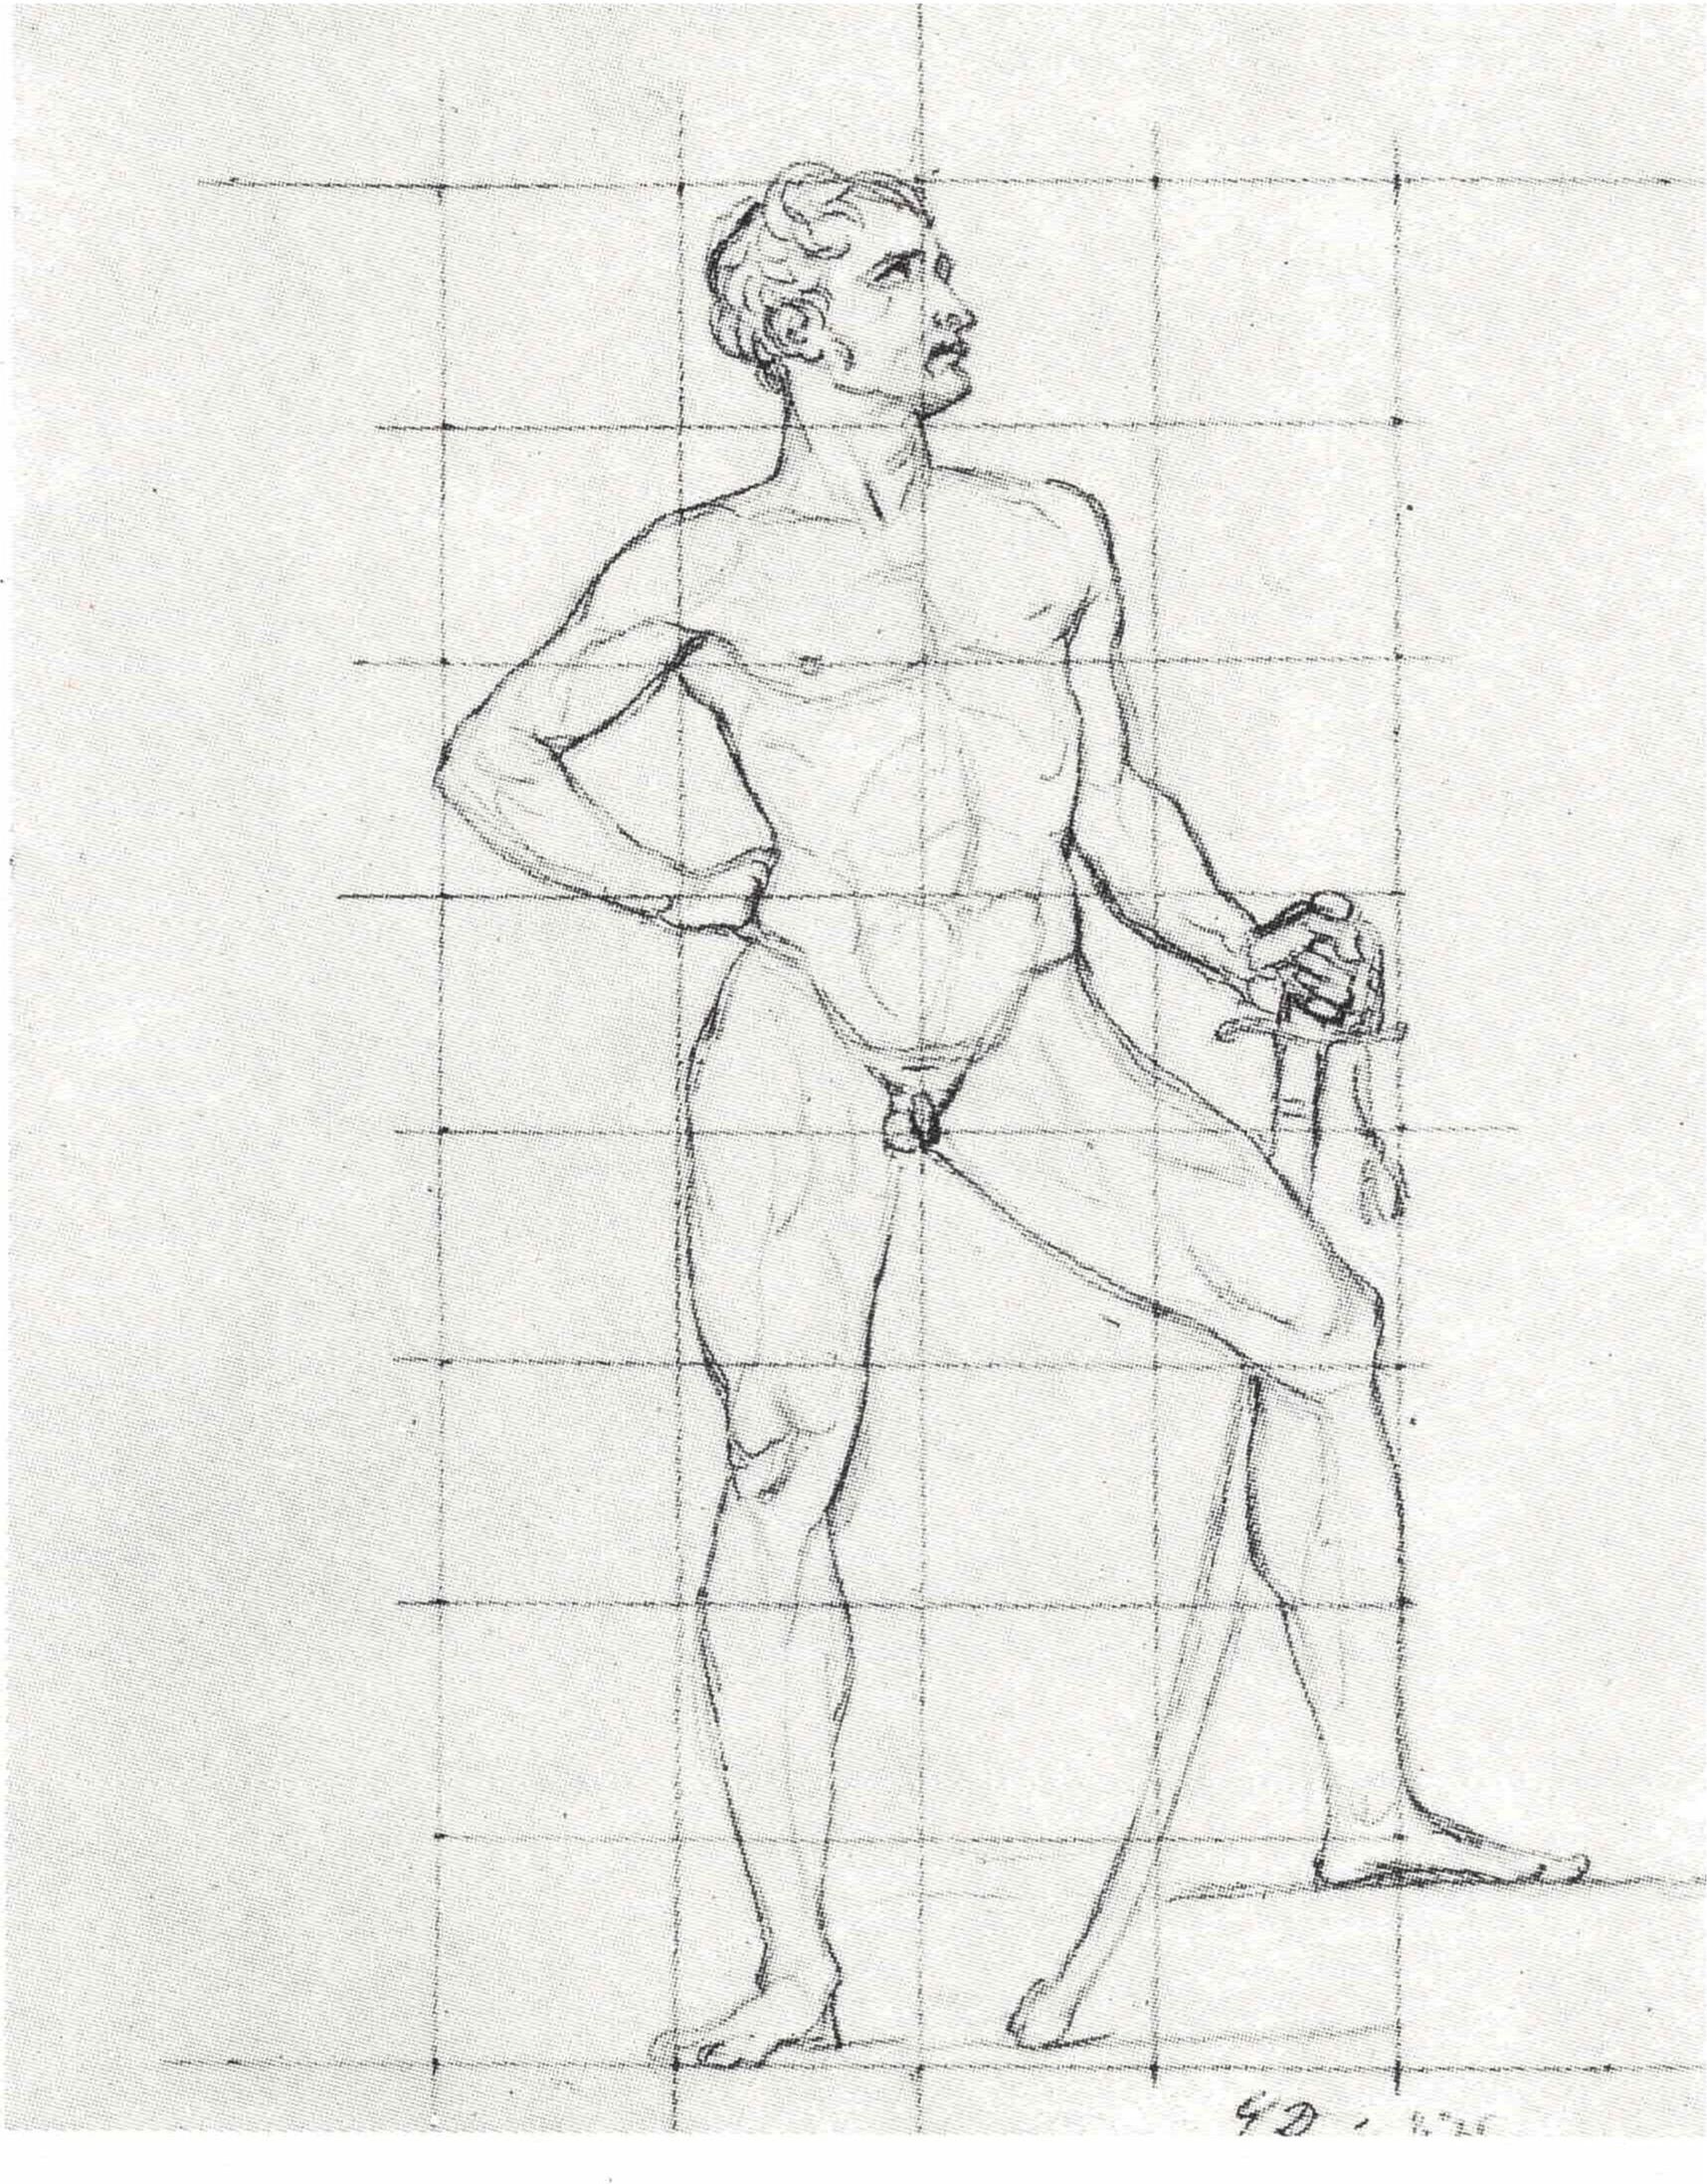 Figura 6 - Jacques-Louis David, desenho preparatório para A distribuição das águias